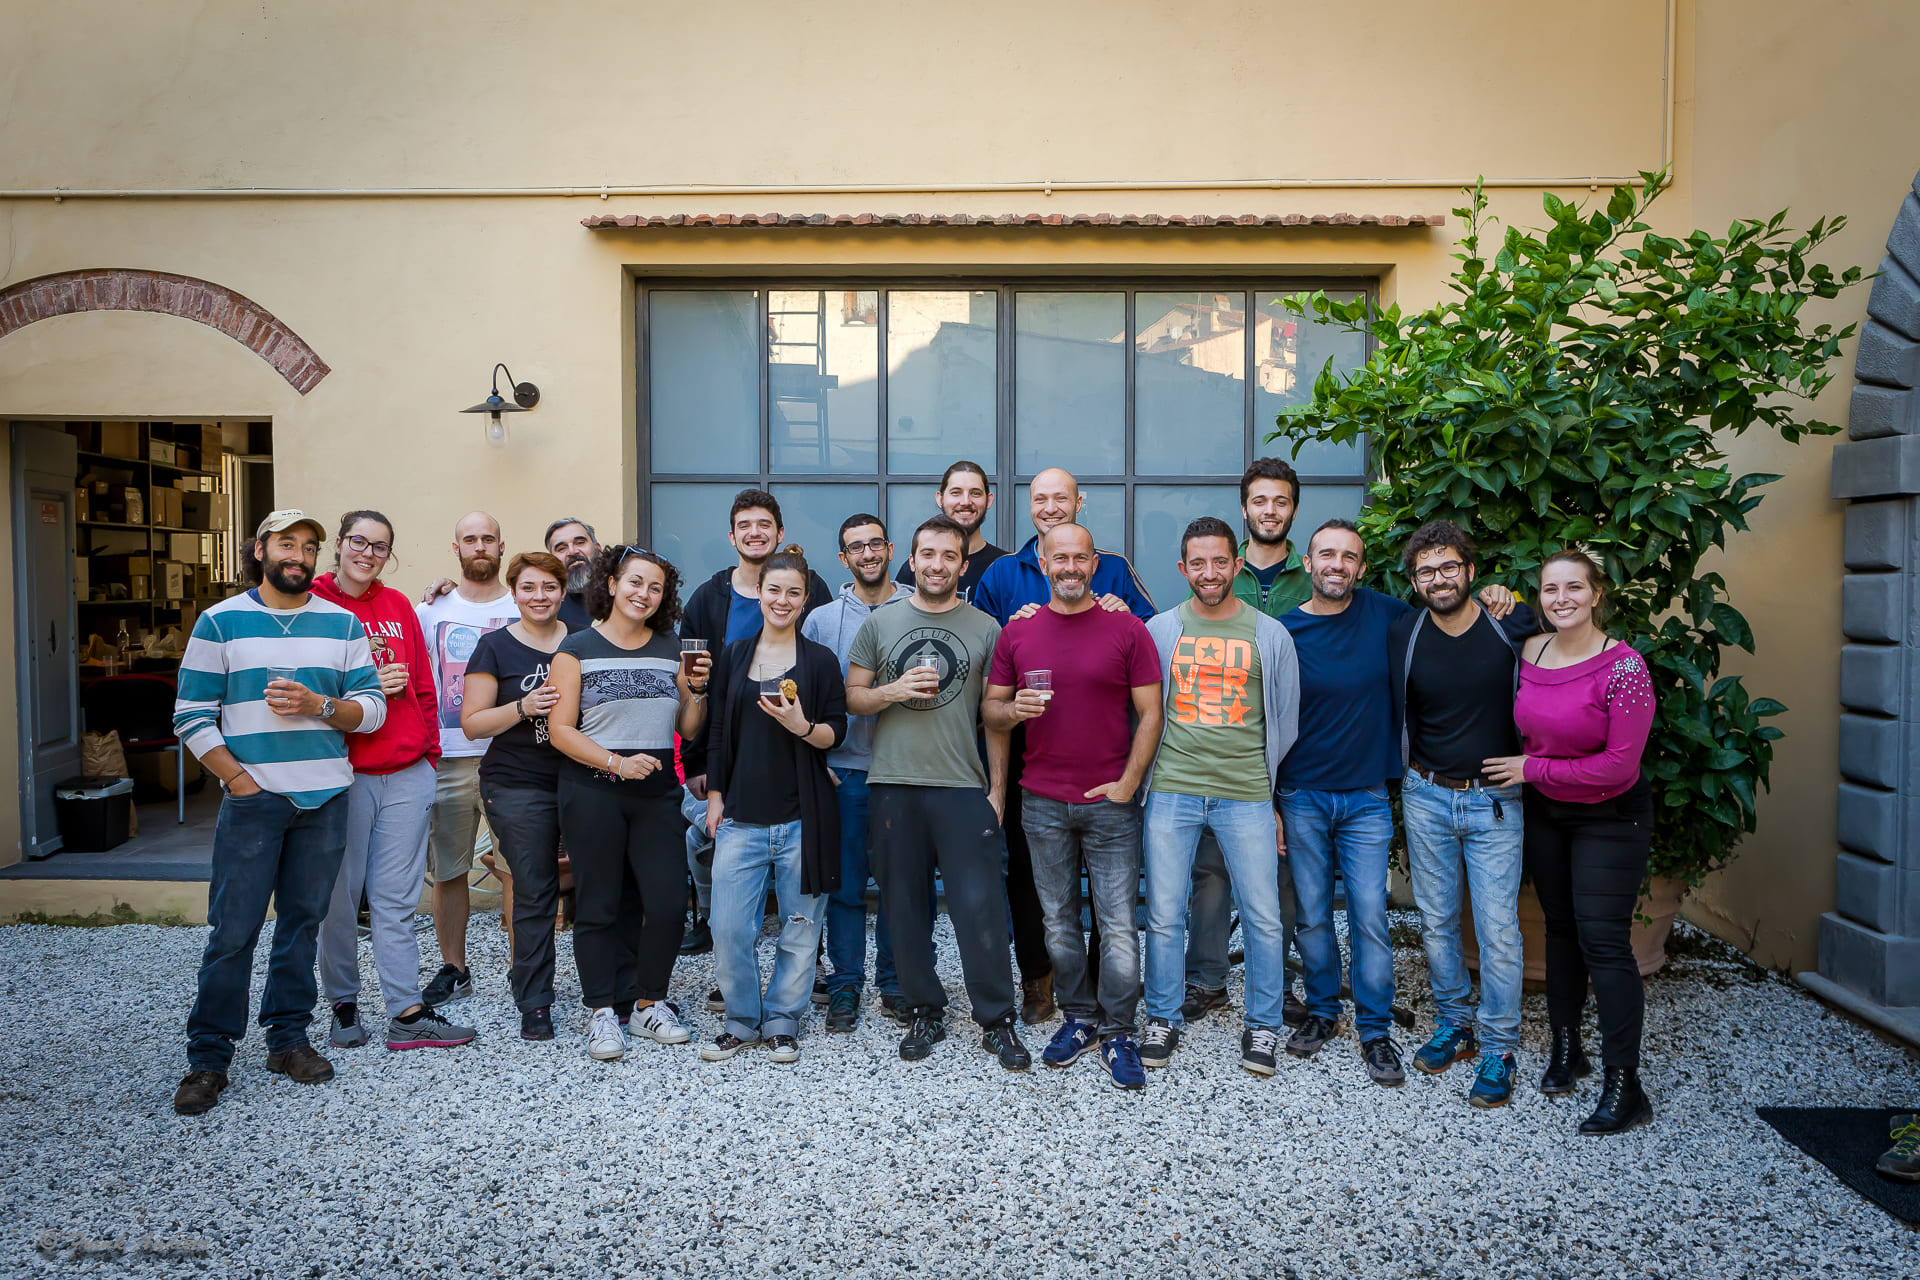 https://www.arcilastaffetta.it/wp-content/uploads/2020/11/cotta-corso-homebrewer.jpg